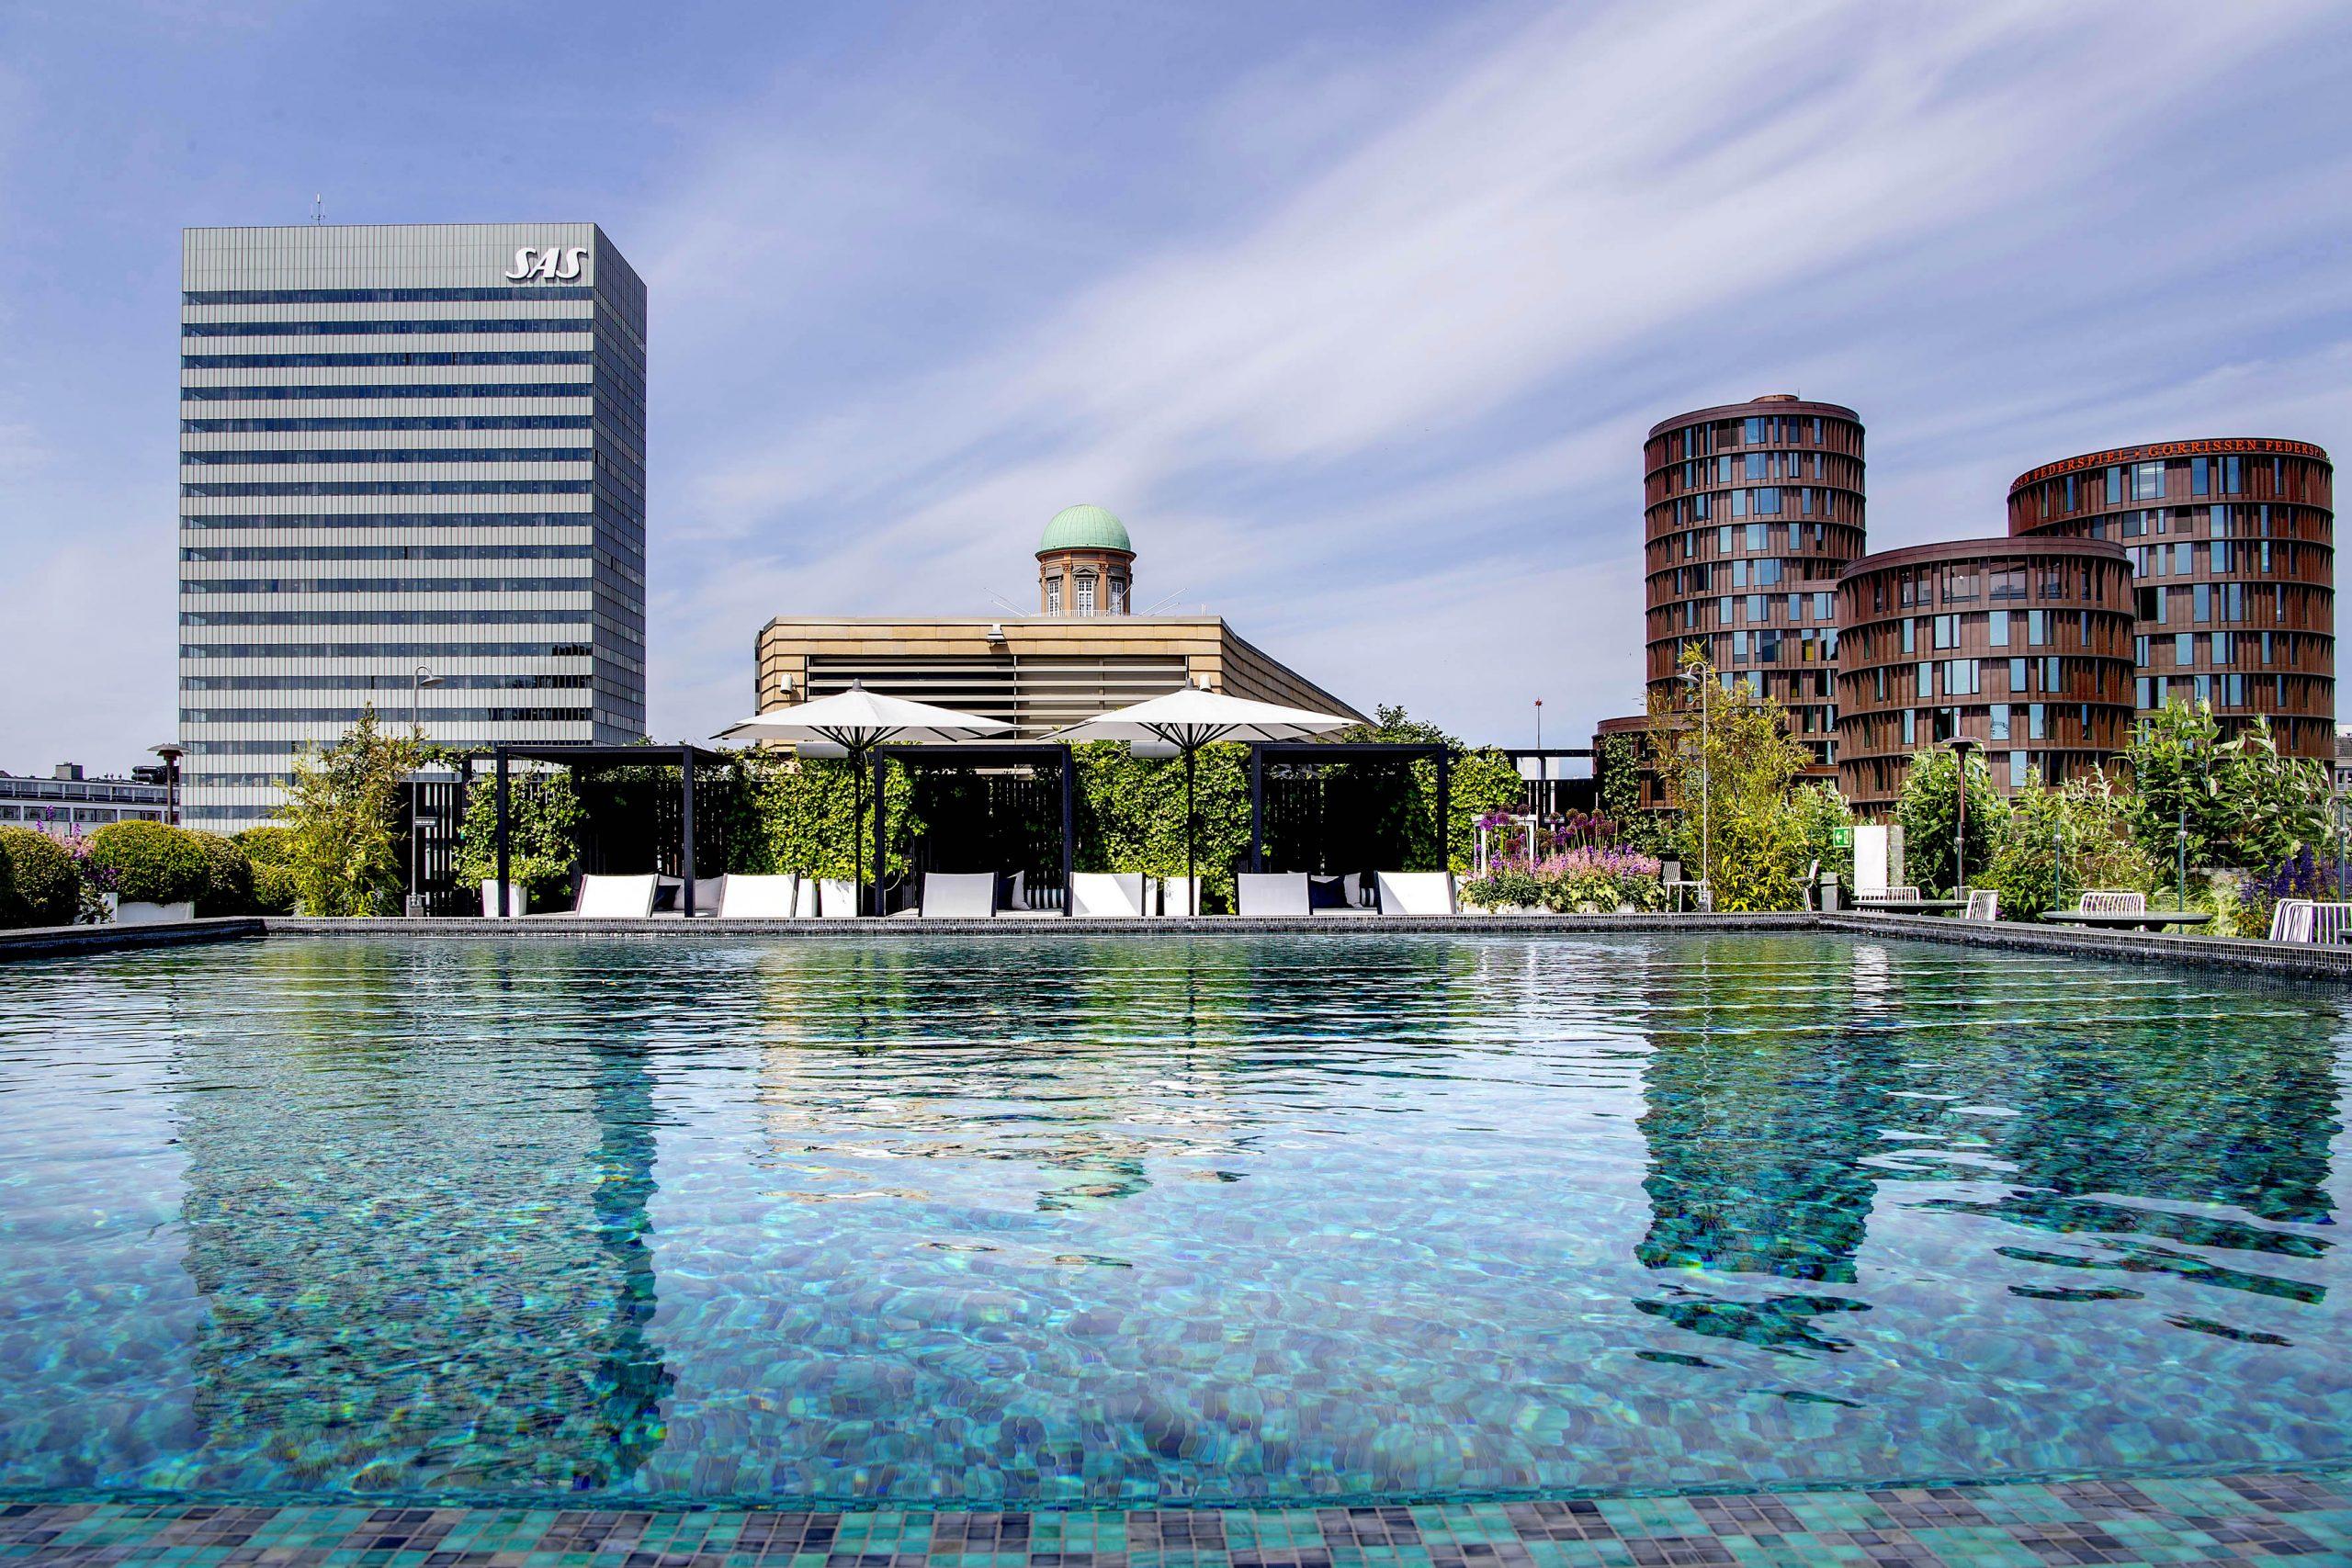 Dansk Erhverv har præsenteret udspil der skal hjælpe den hårdt trængte danske hotel- og restaurationsbranche. Her kig fra poolen på taget af Tivolis Nimb-hotel. Arkivpressefoto Bax Lindhardt for Tivoli.